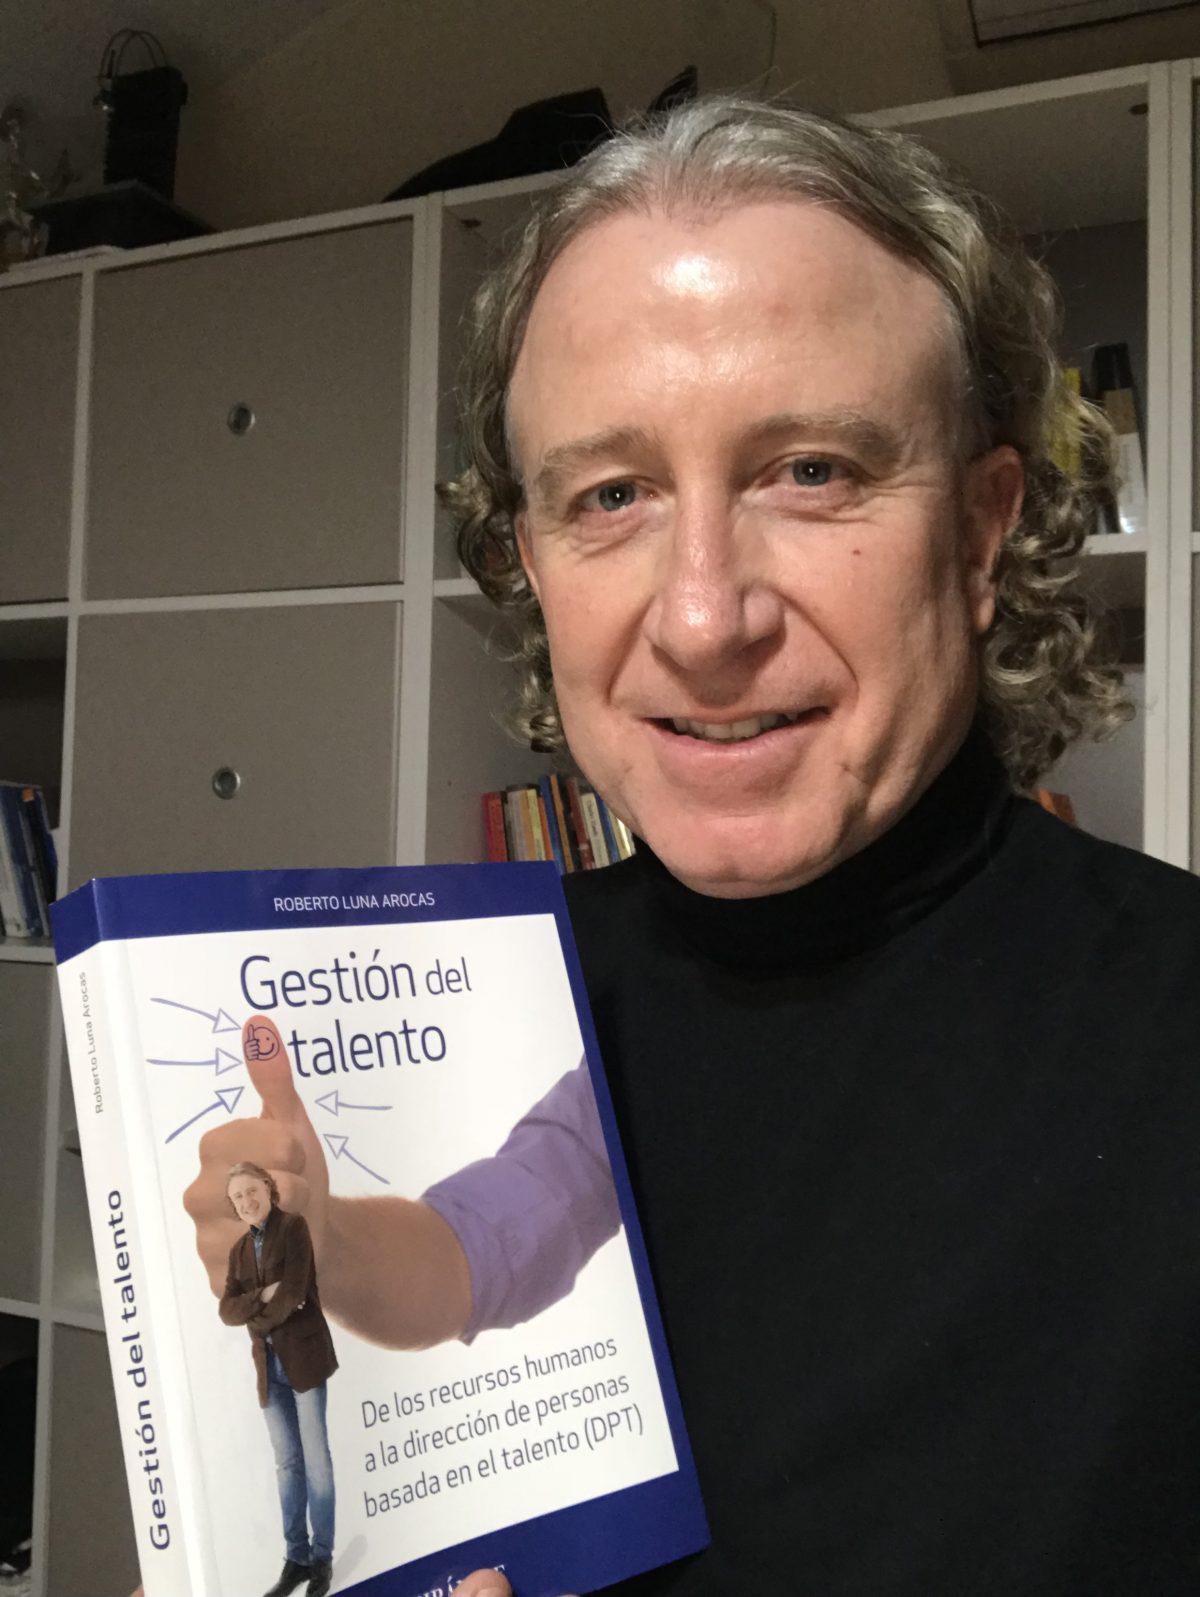 Libro Gestion del talento. Nuevo libro roberto luna.